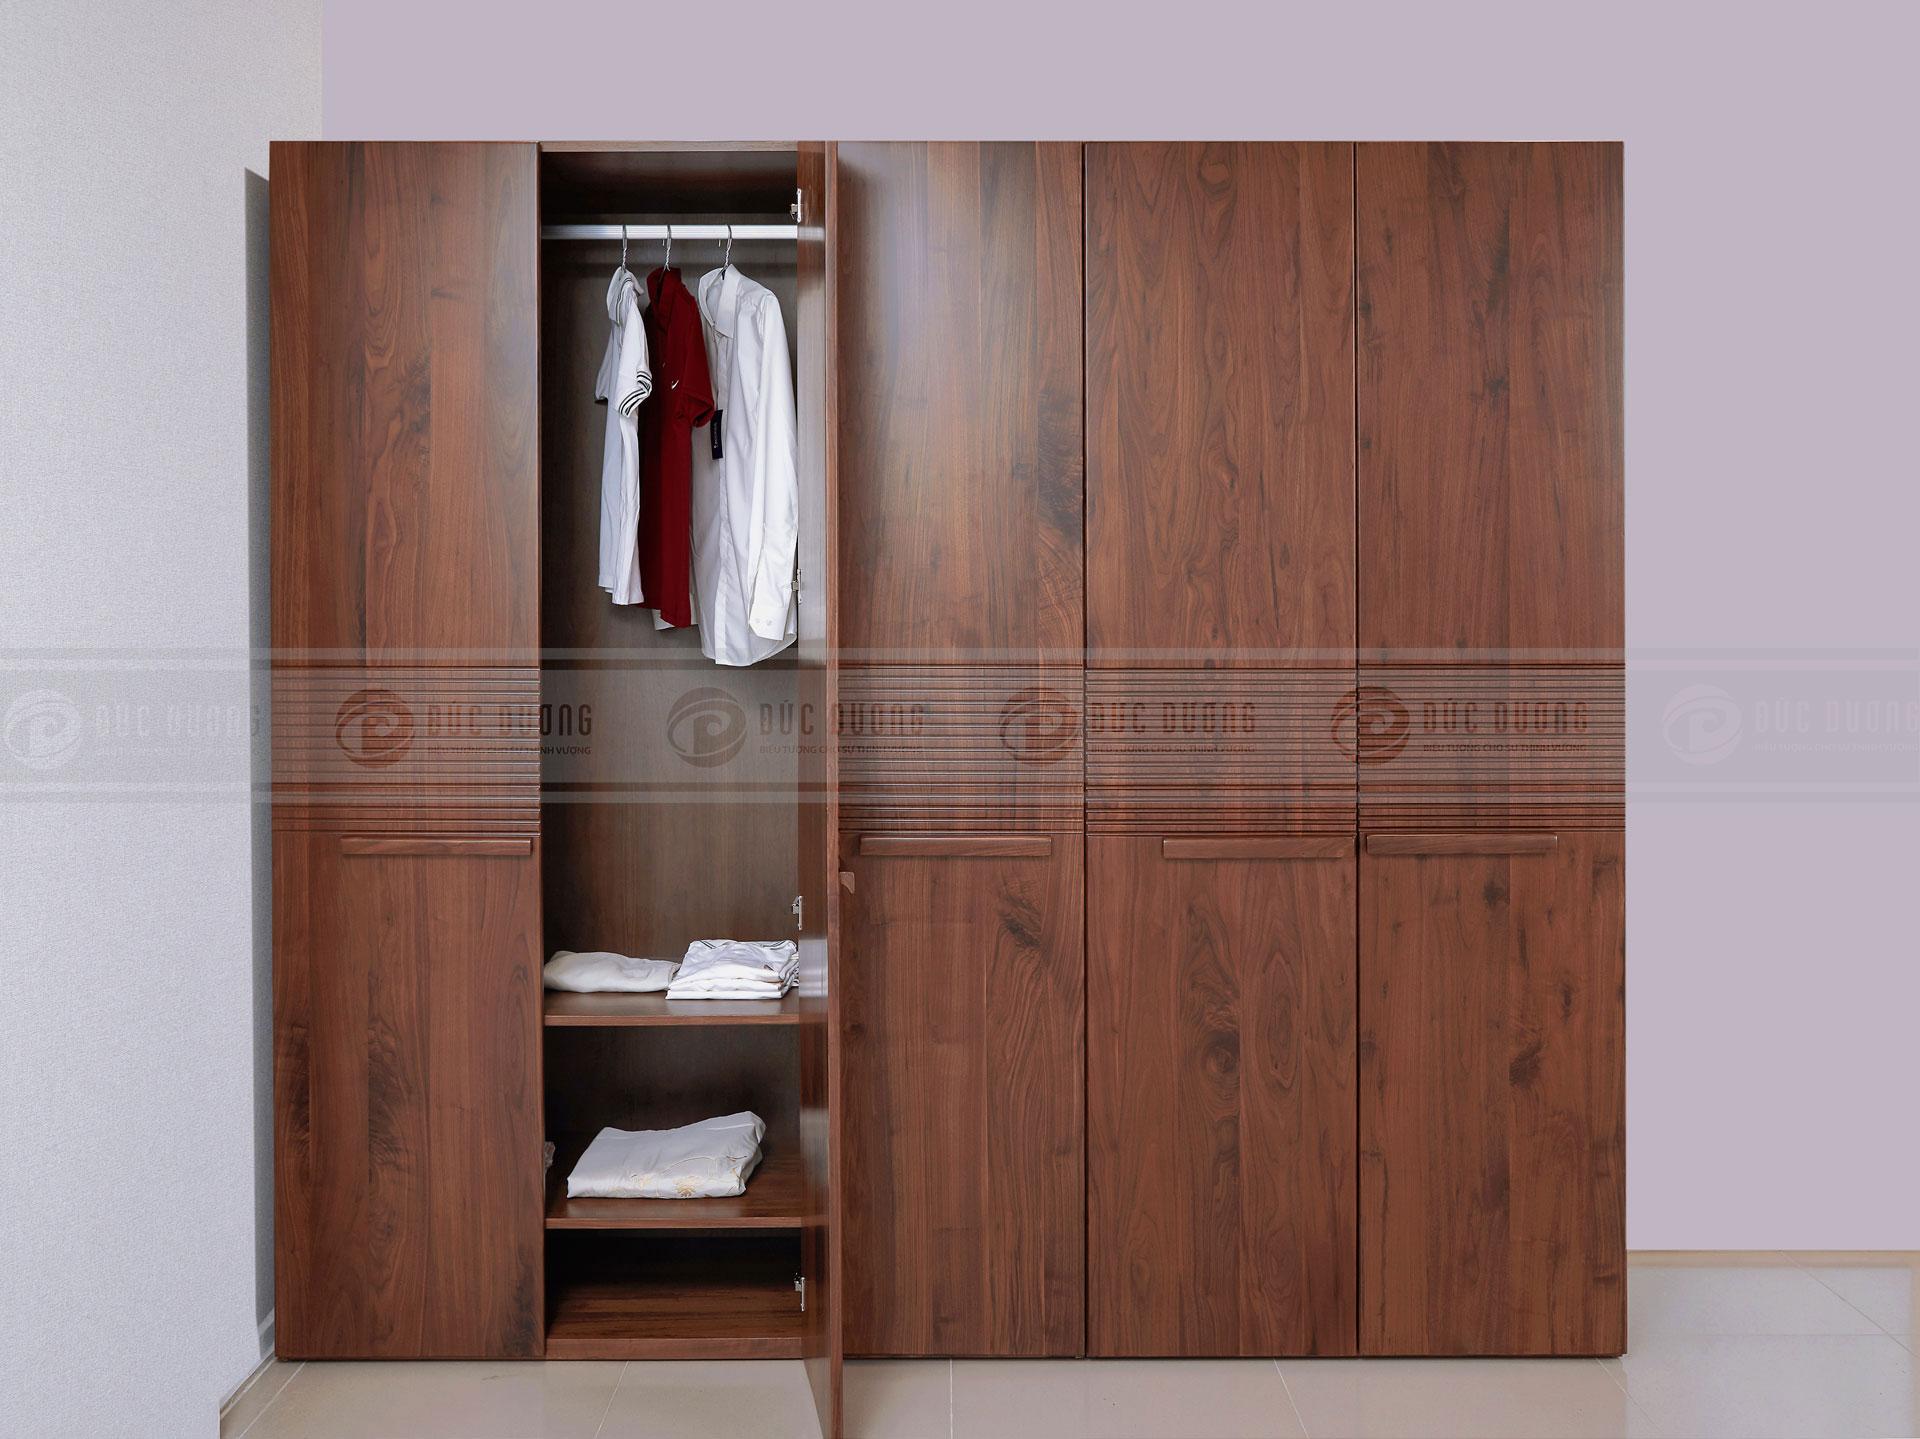 Tủ quần áo Keva